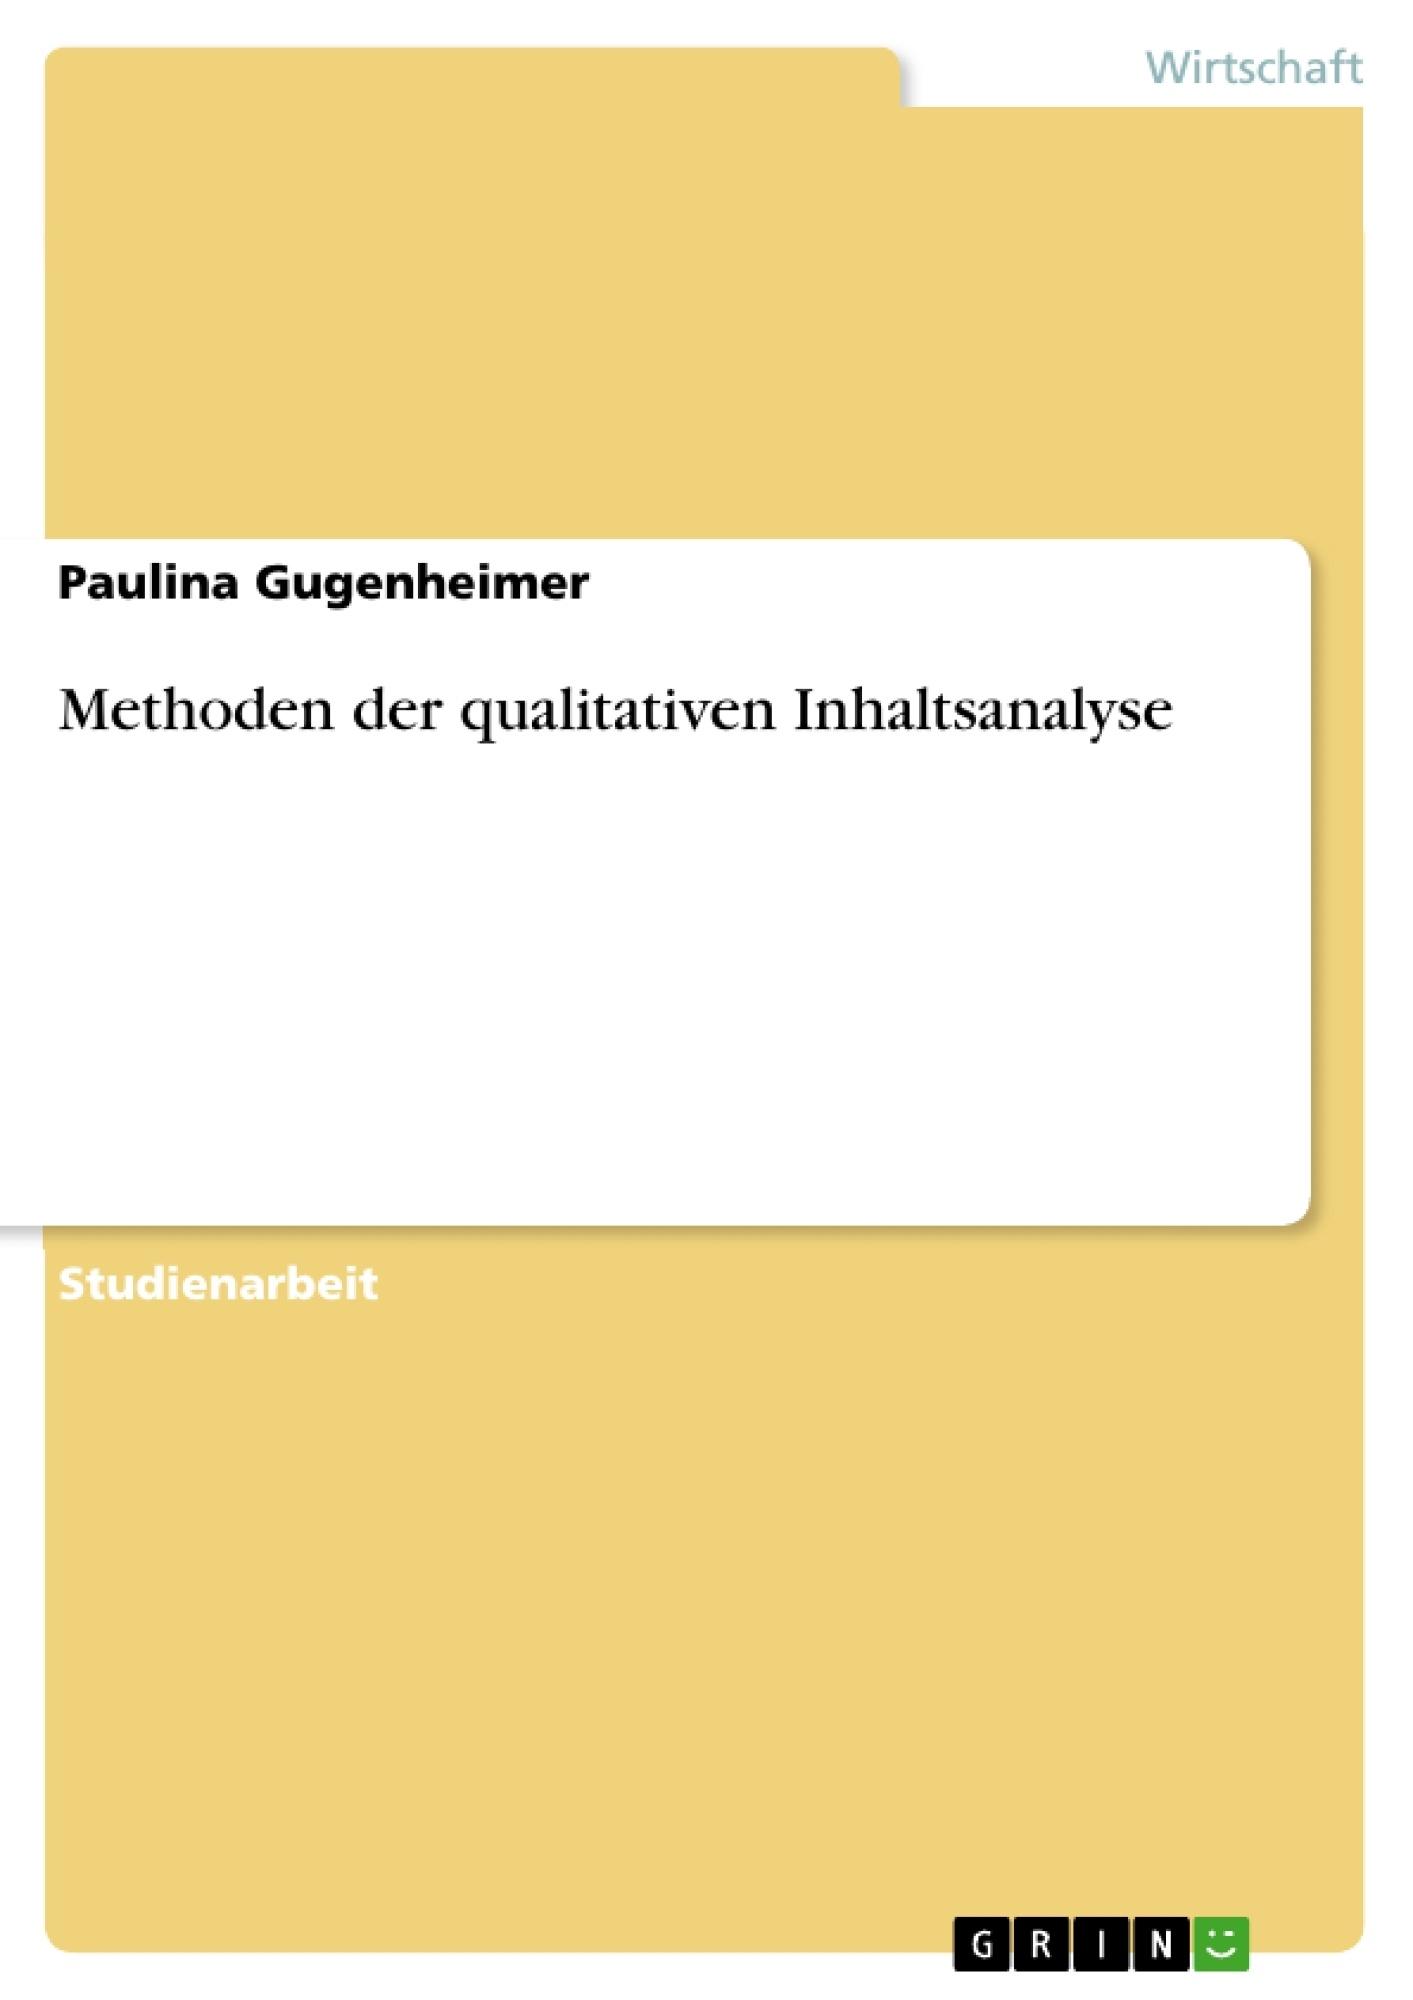 Titel: Methoden der qualitativen Inhaltsanalyse